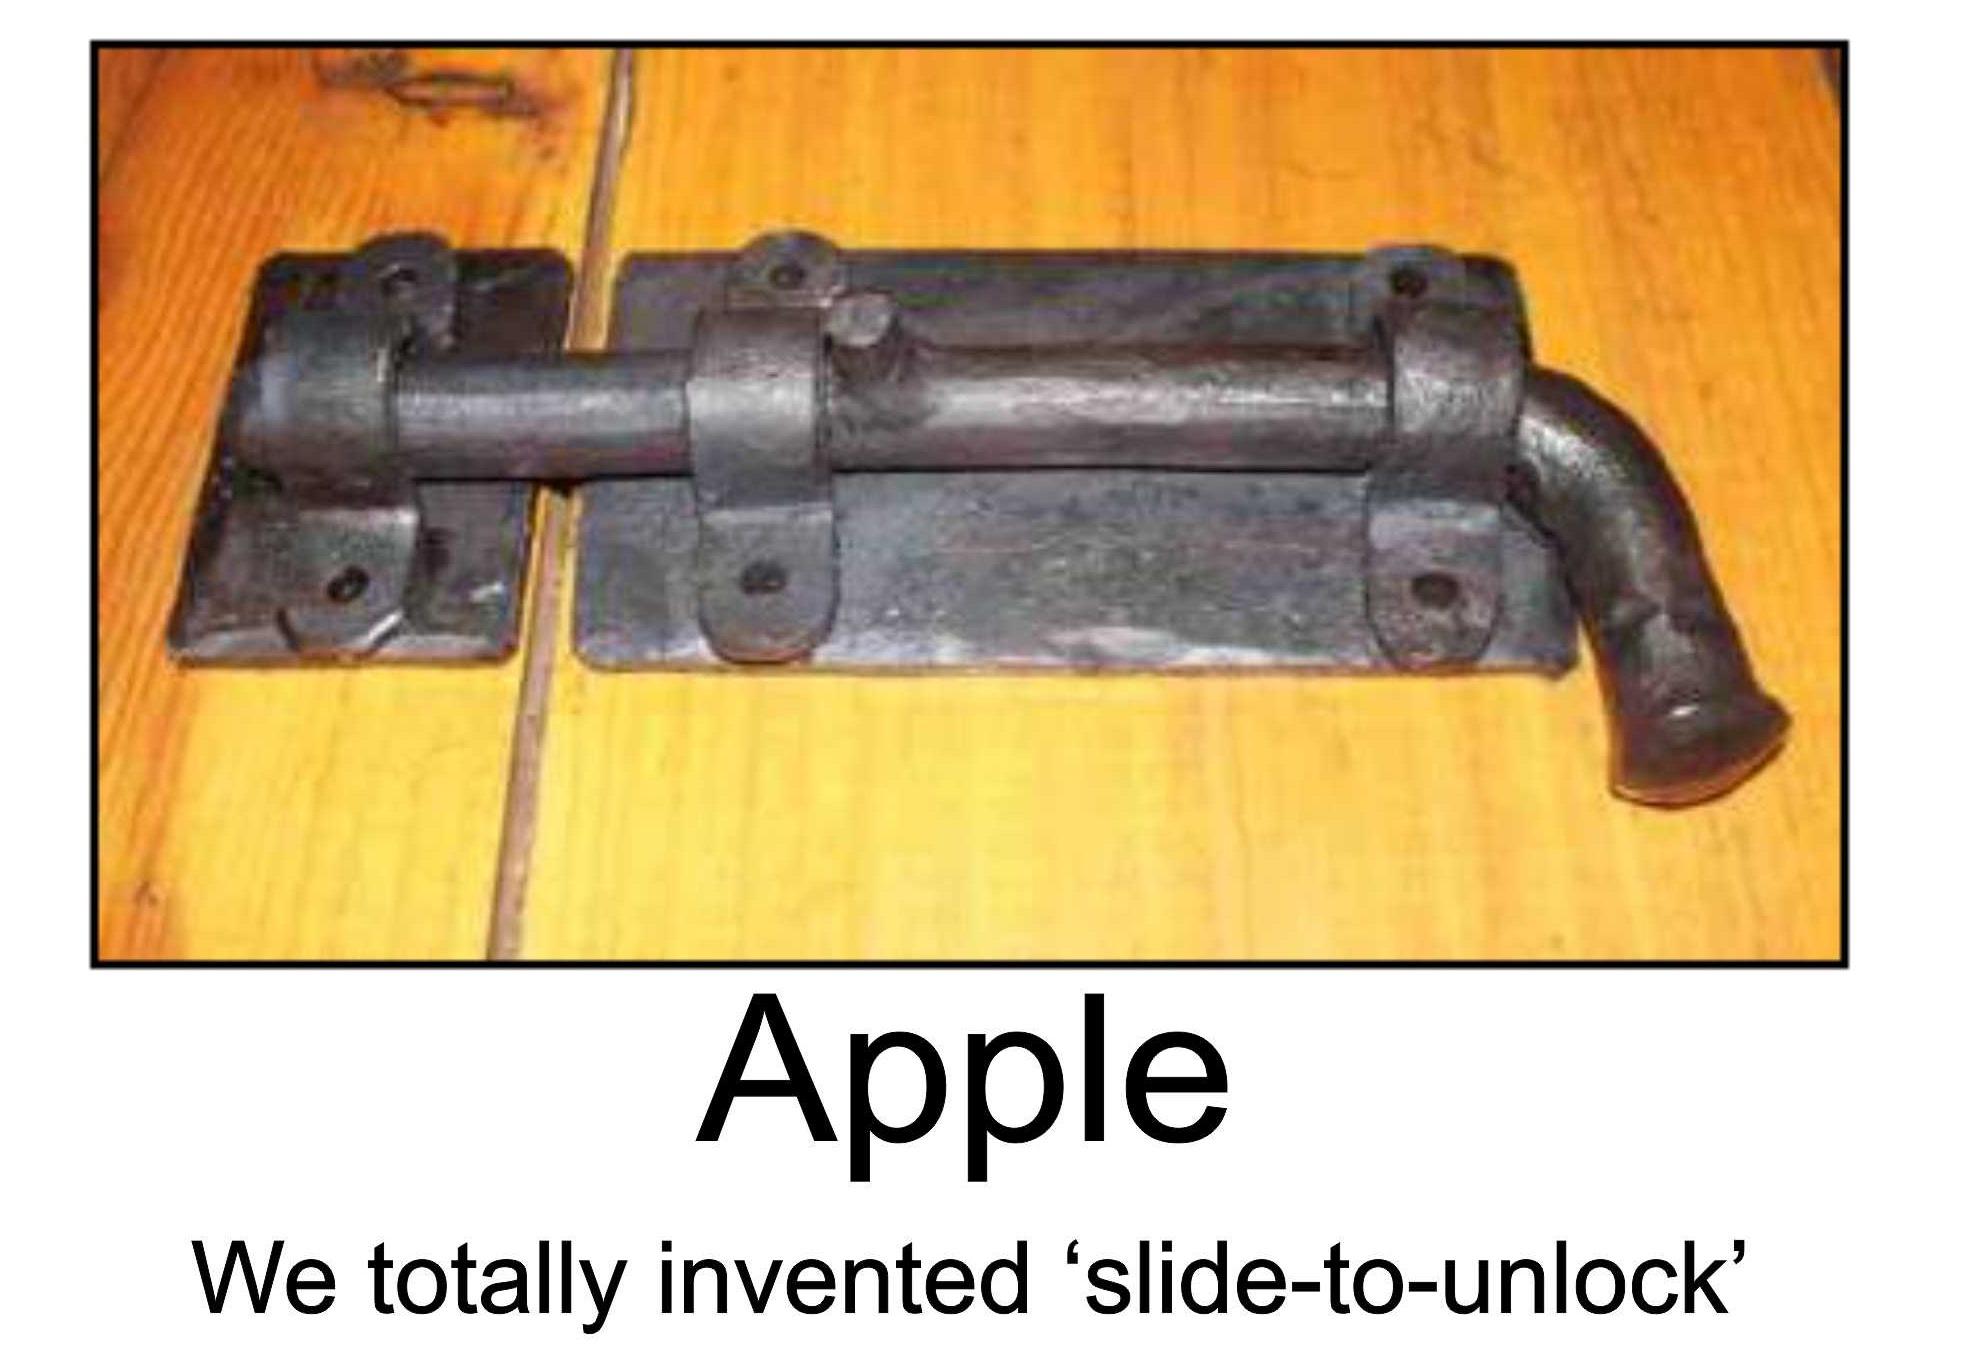 Una compagnia svedese afferma di possedere un brevetto per il sistema di sblocco adoperato da Apple